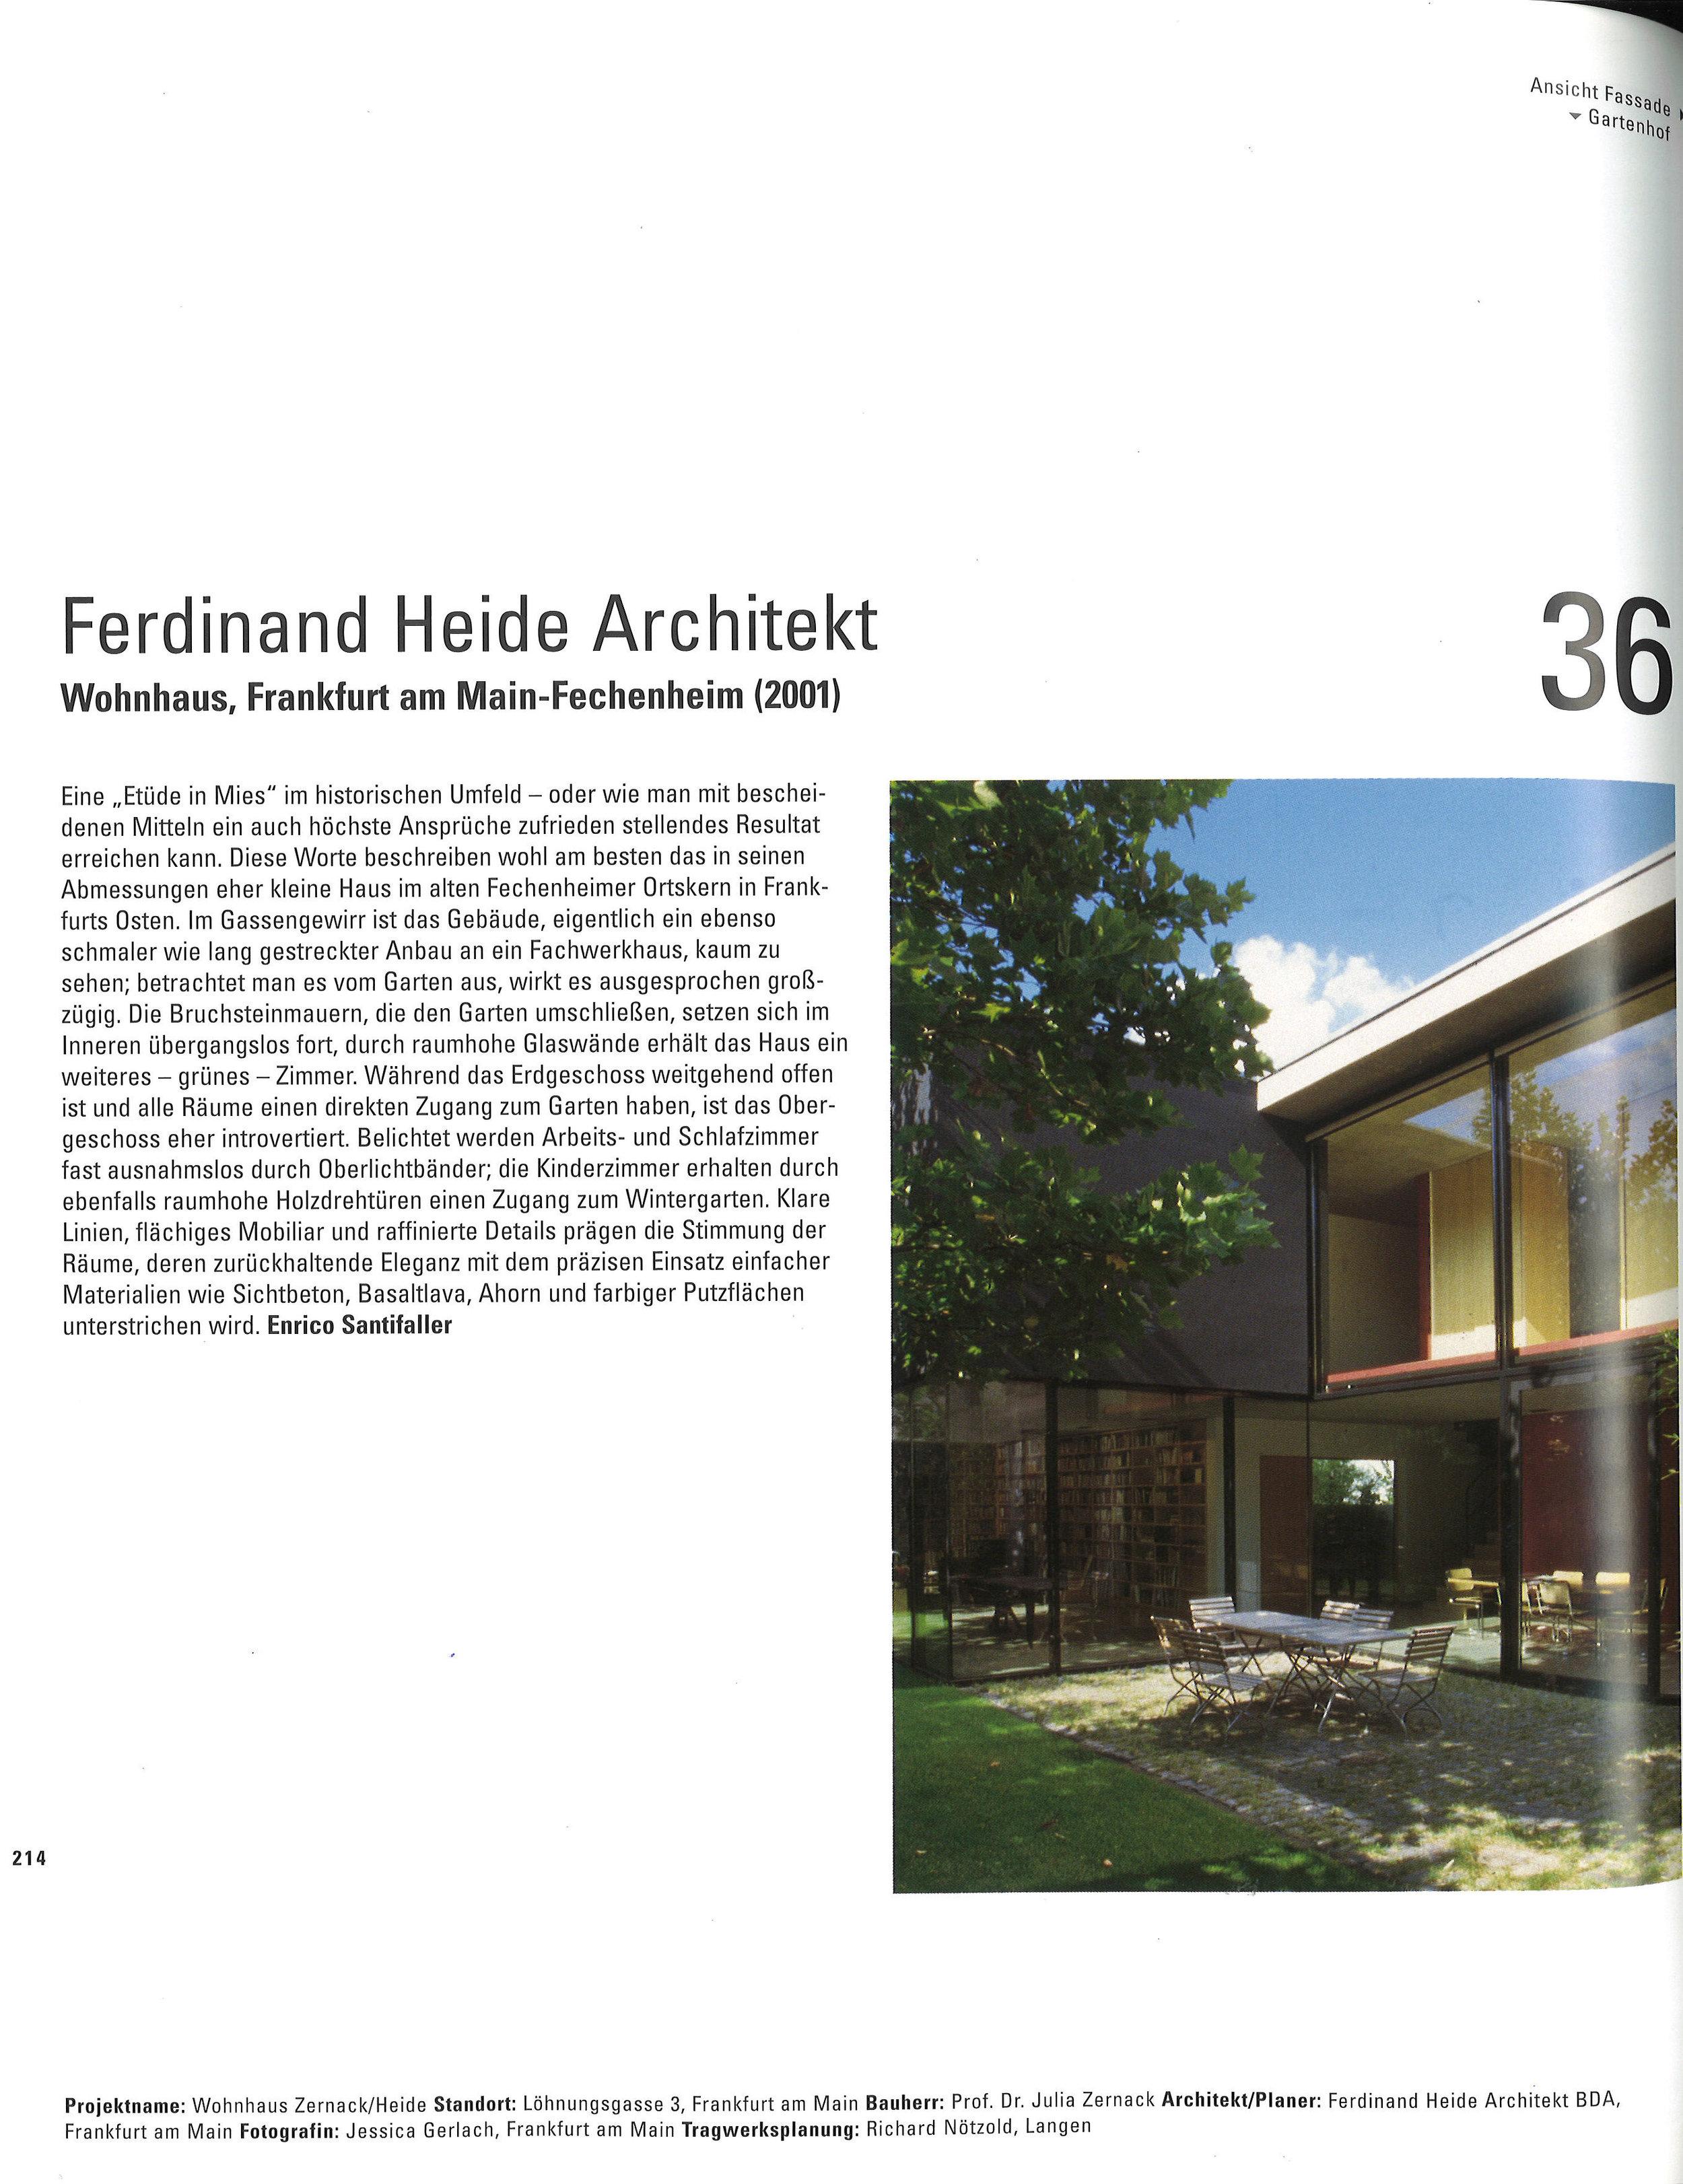 020000__Architektur in FAM_WH_1.jpg